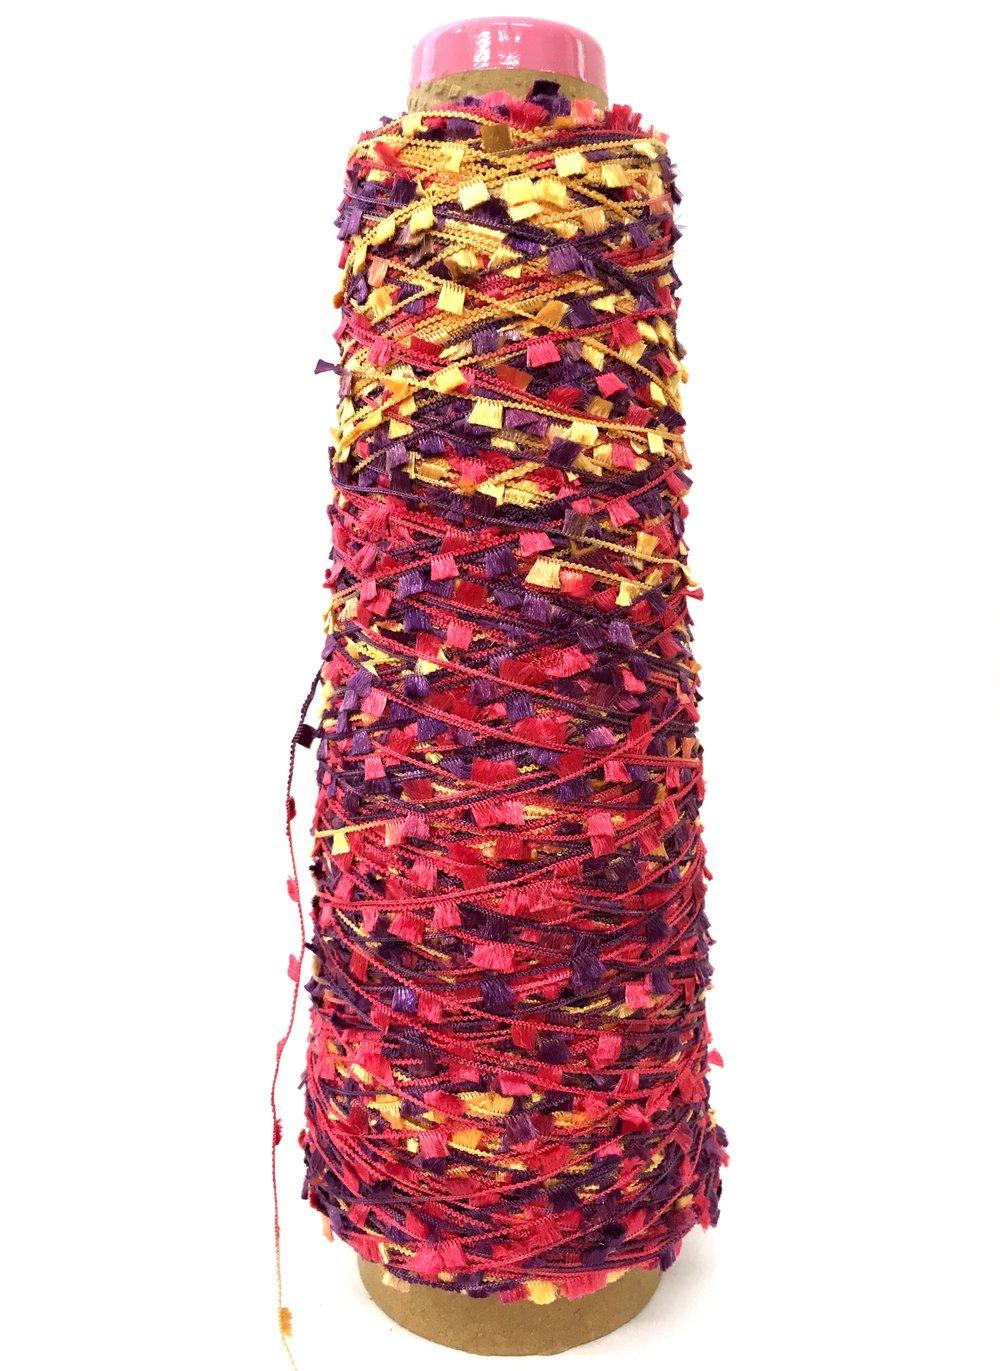 Yarn Resources